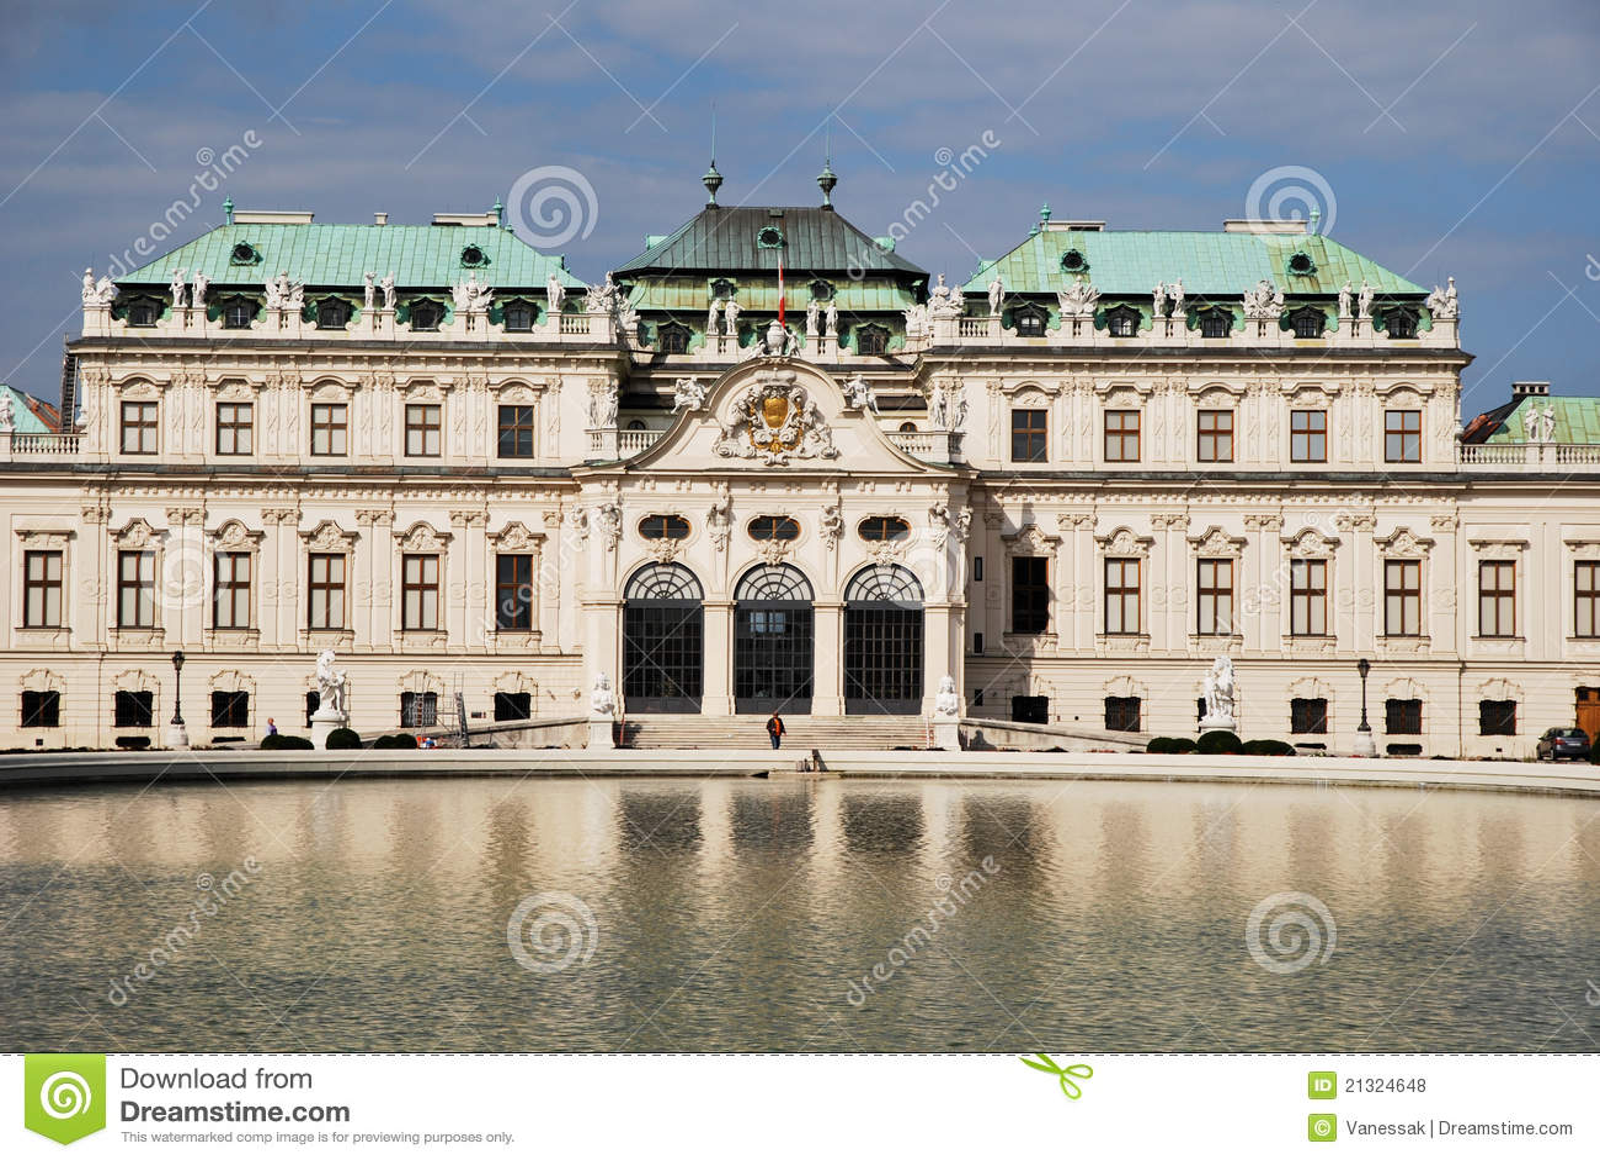 Palais de belvédère de Vienne